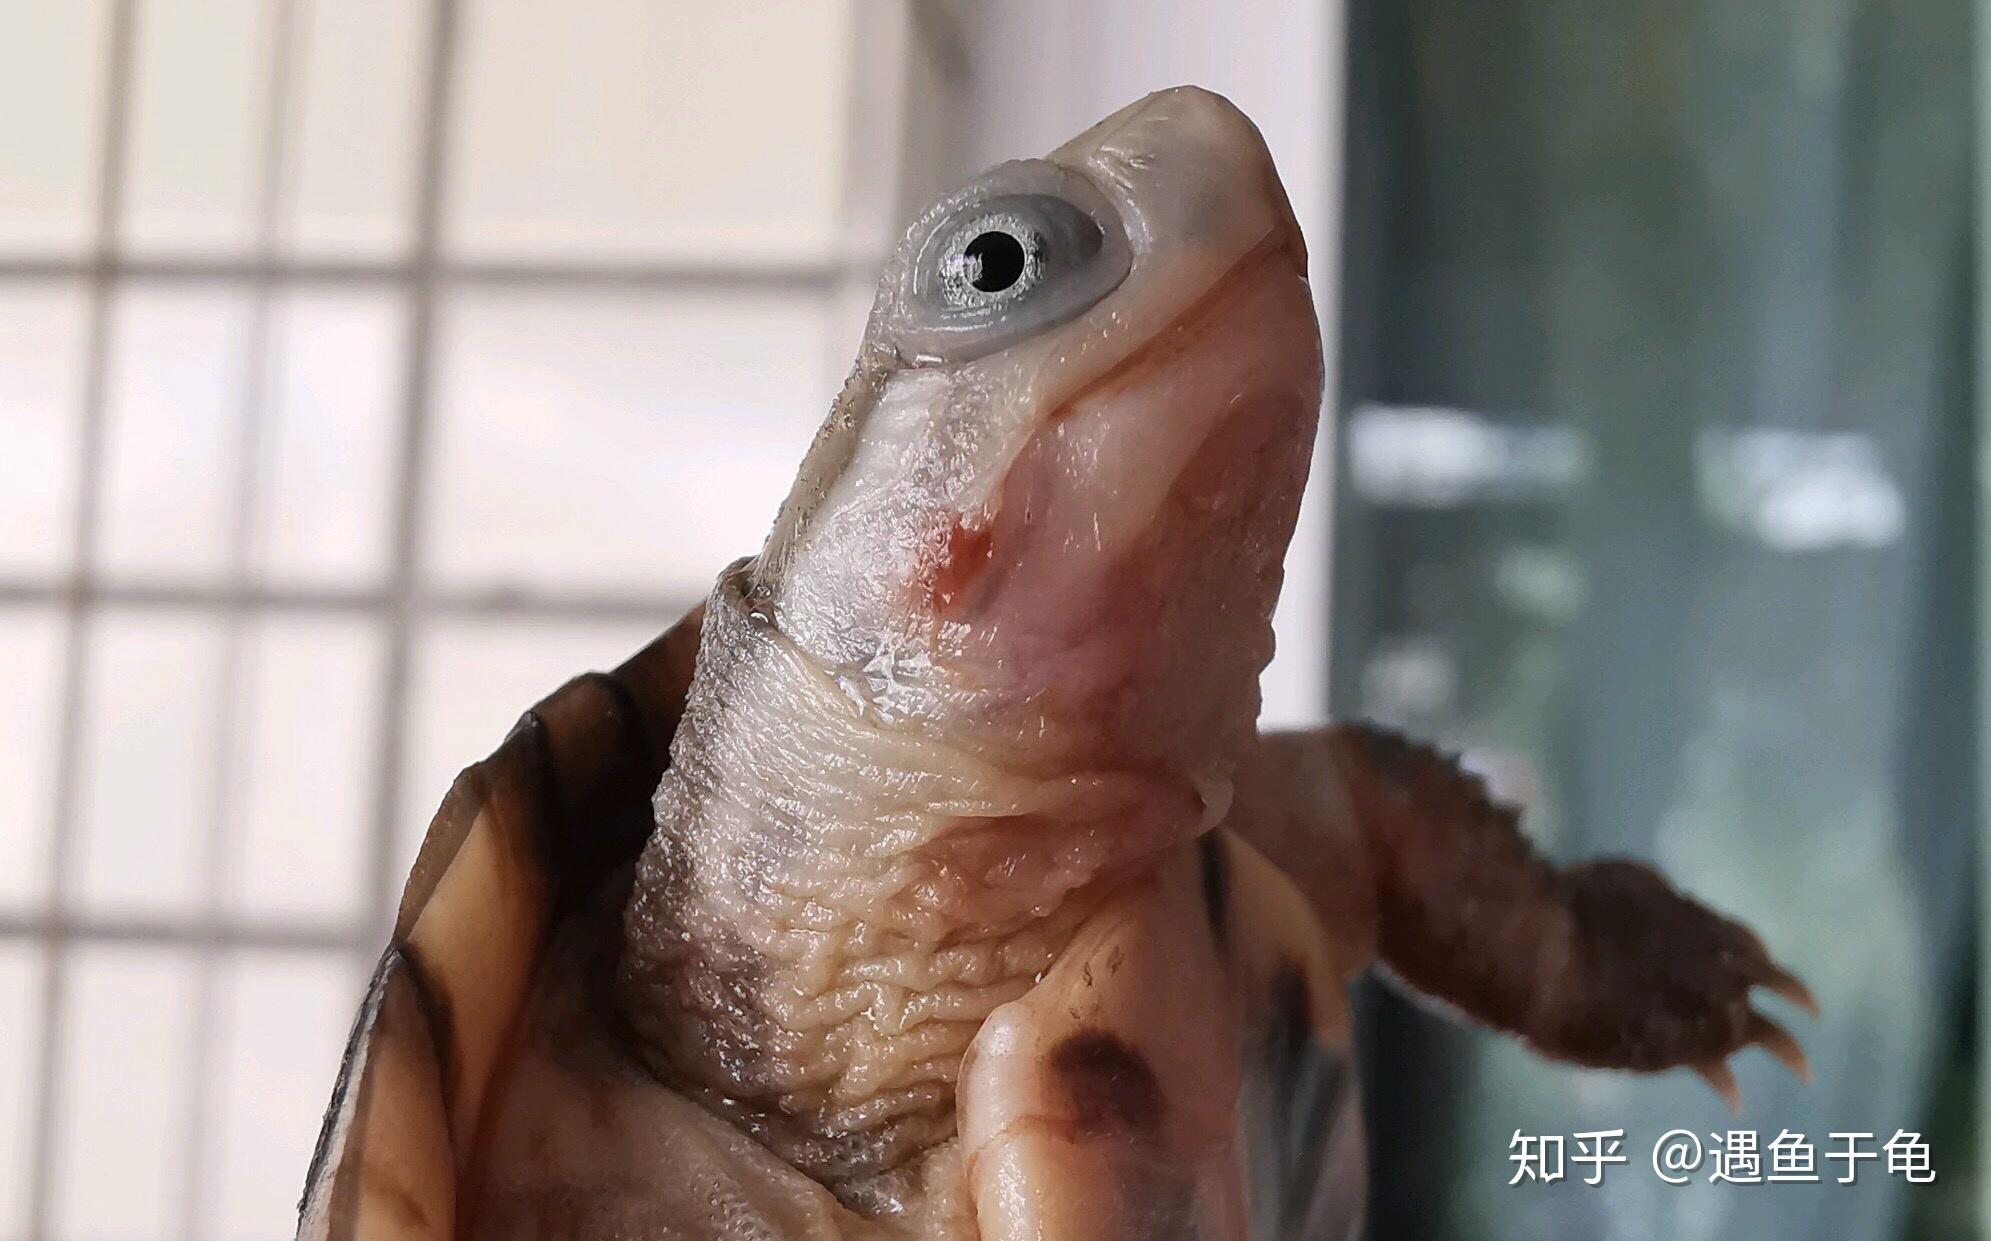 20种龟类常见疾病 养龟必看